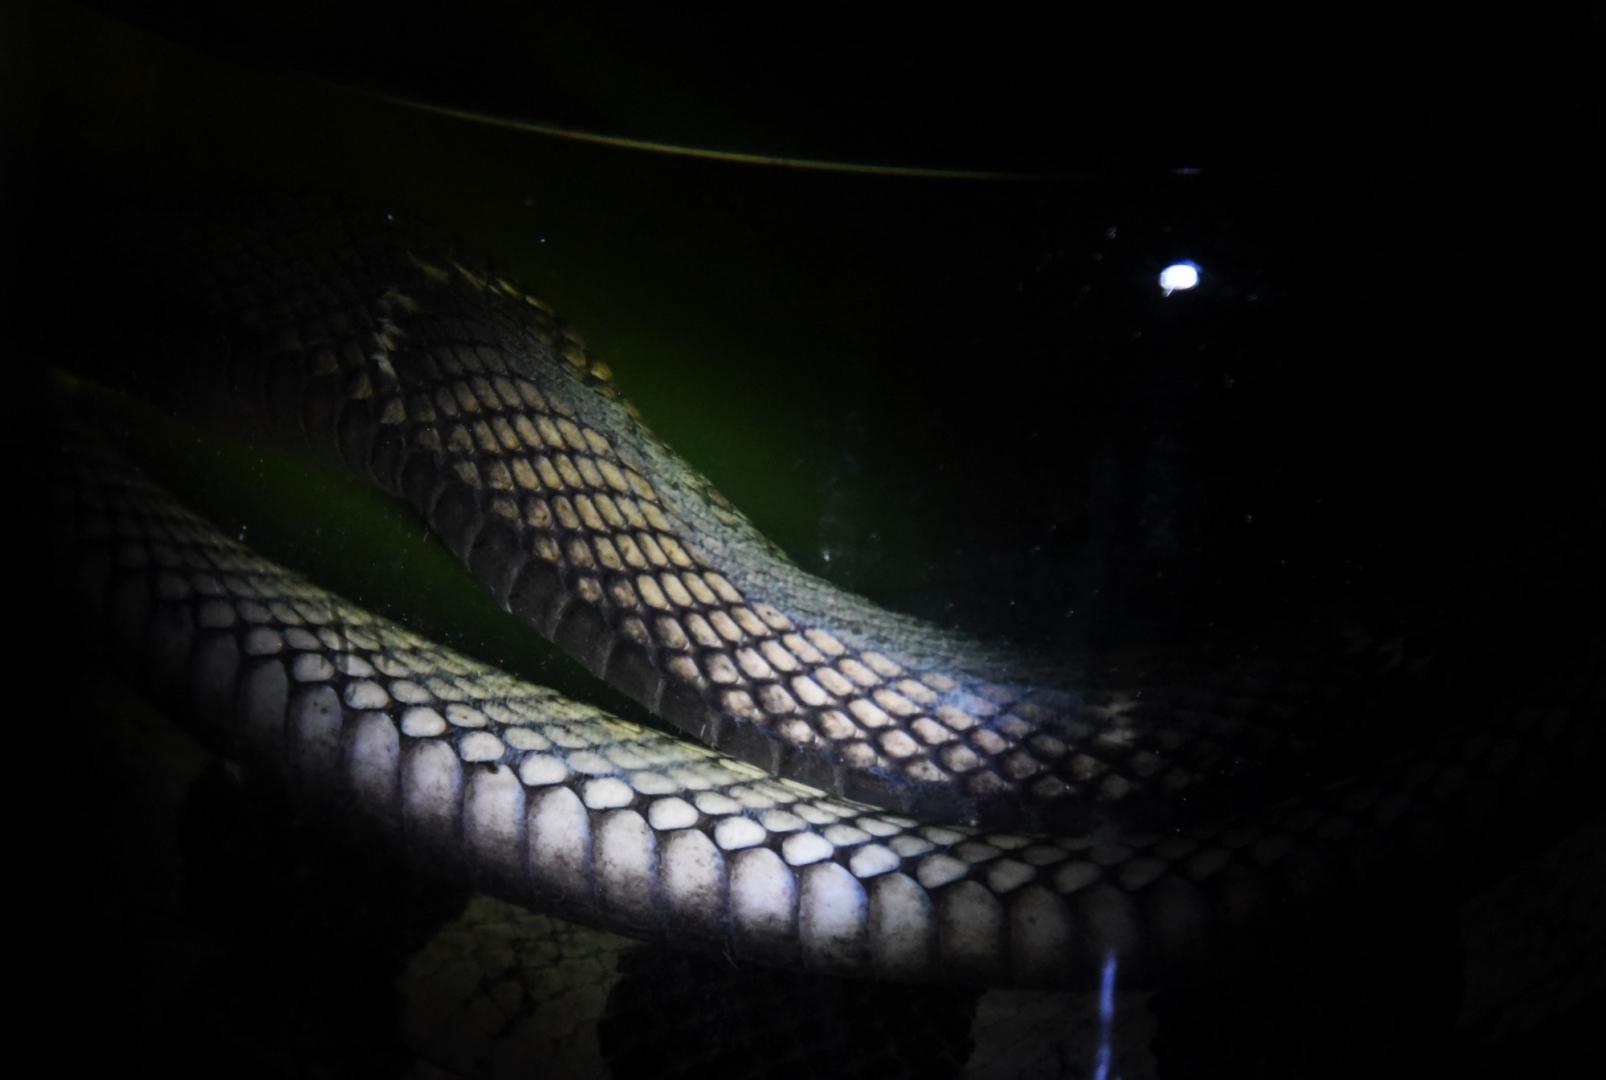 После трёх месяцев настаивания рисовый алкоголь с заспиртованной змеёй начинает окрашиваться и готов к употреблению